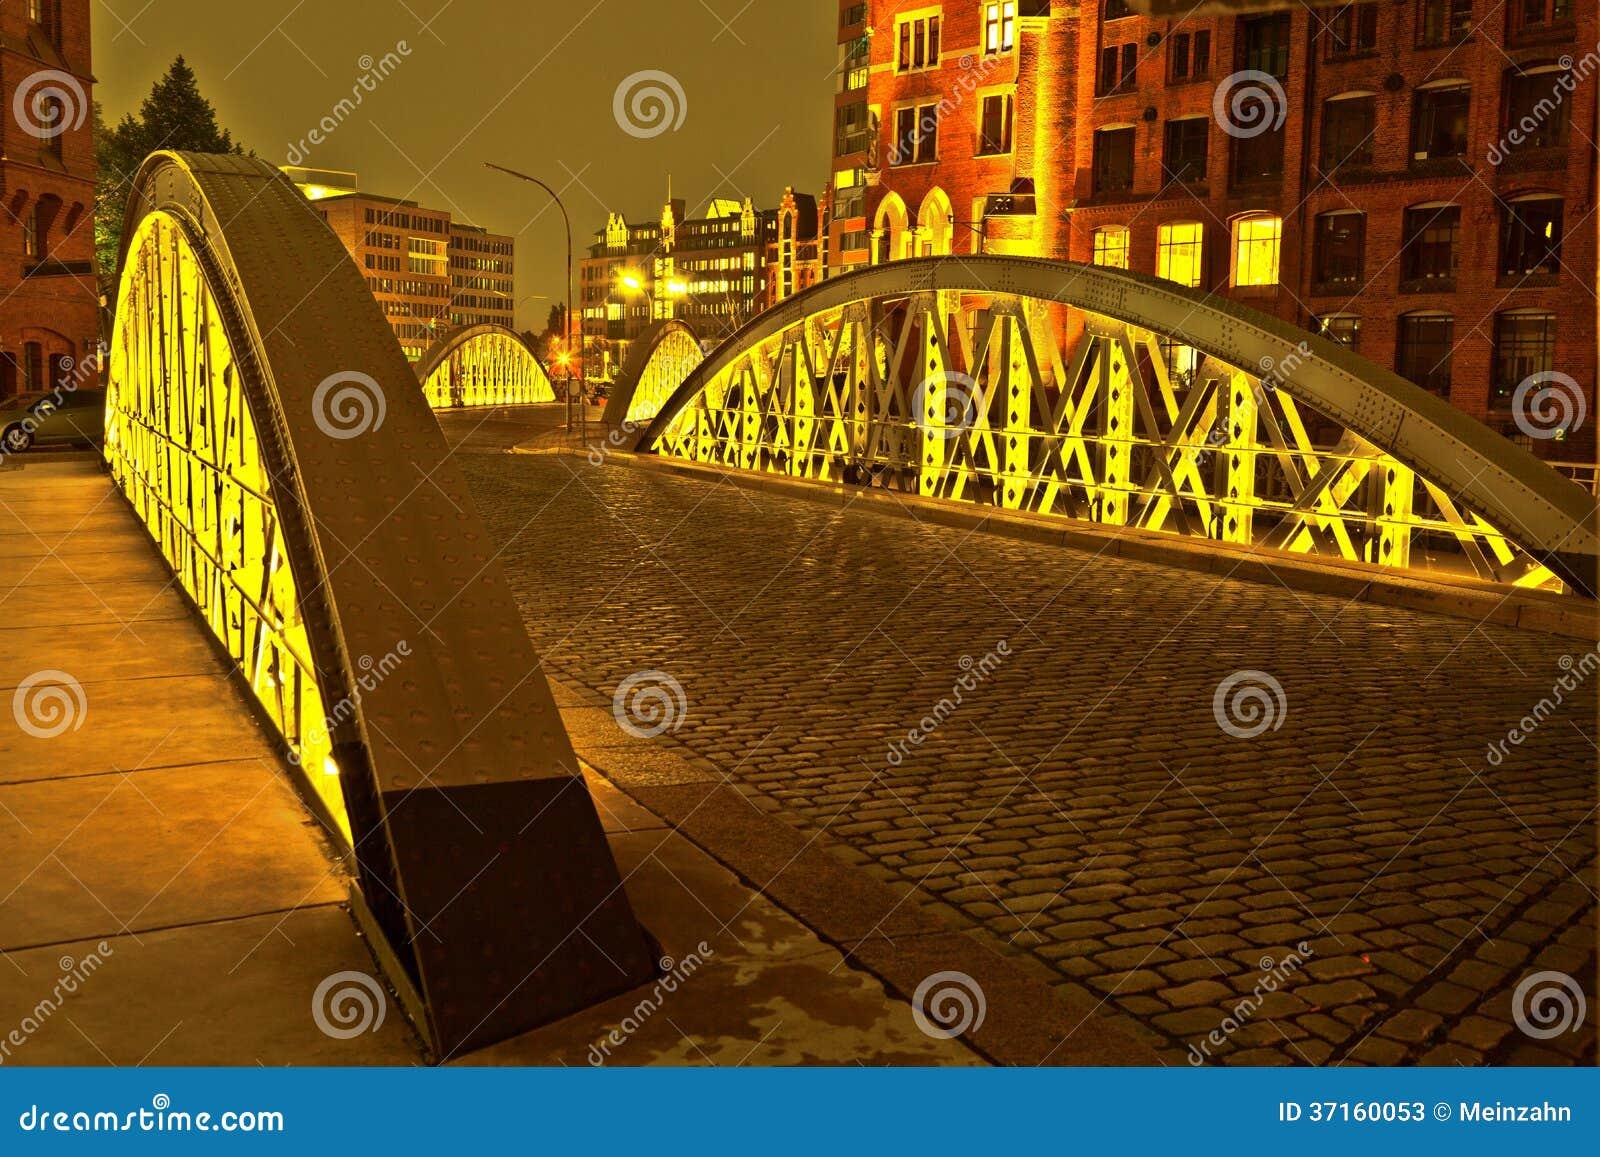 Bridge in the historic Speicherstadt (Warehouse district) in Hamburg